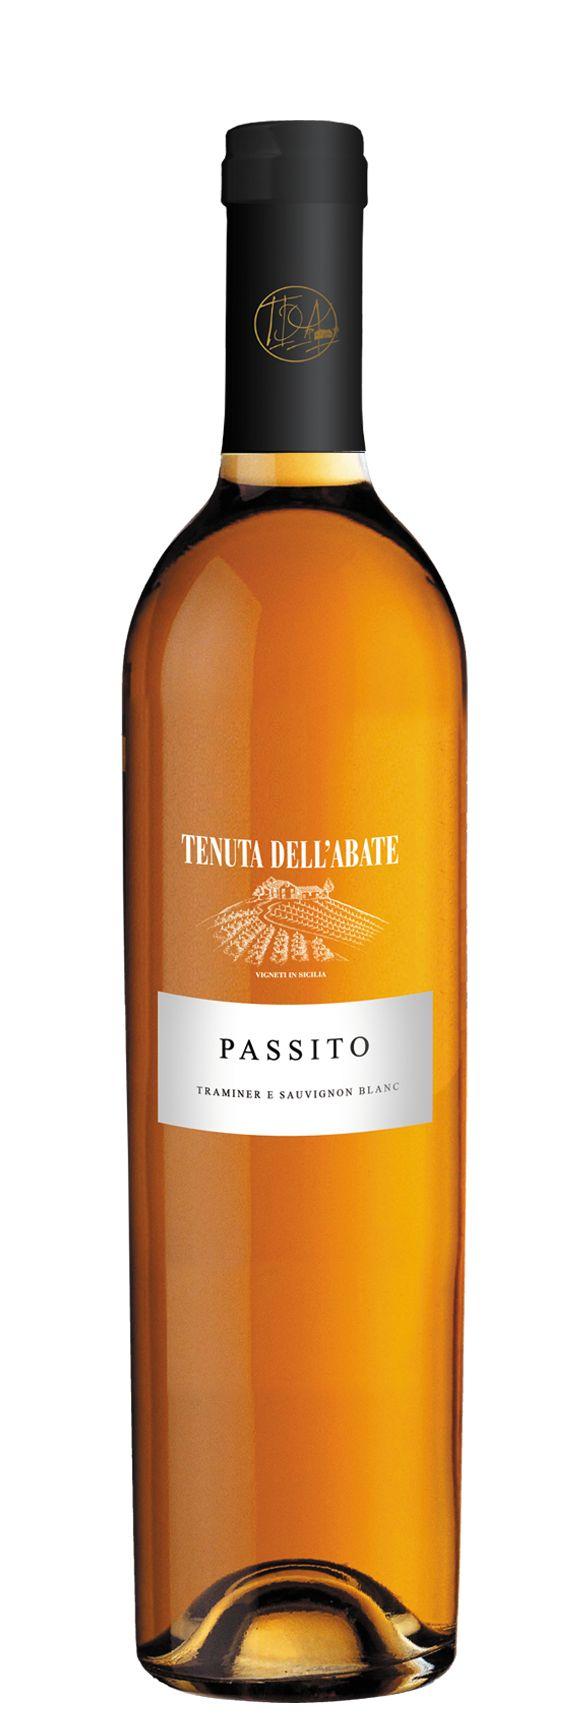 Passito - Traminer/Sauvignon Blanc